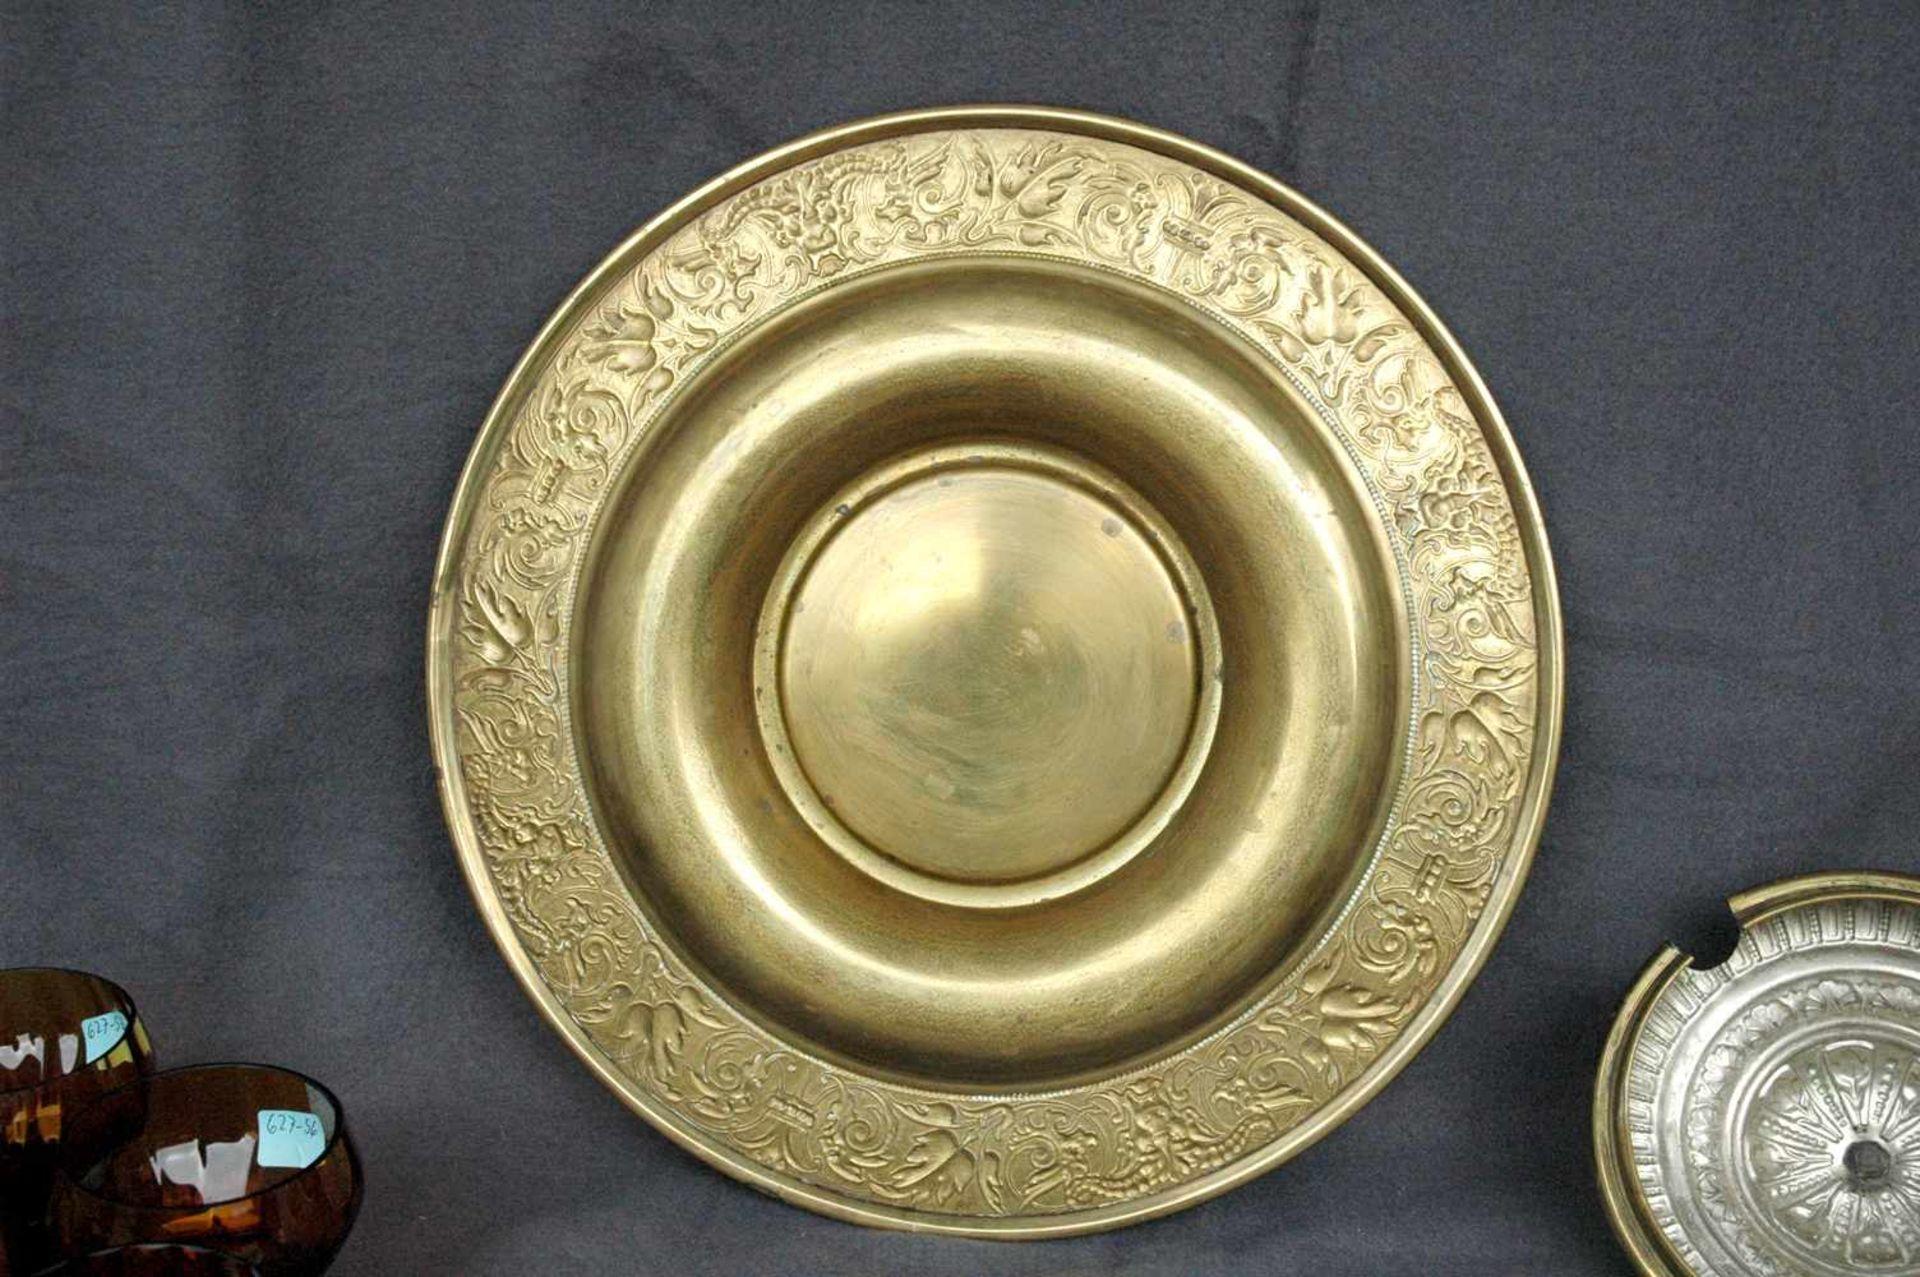 Bowlengefäß, Messing, bernsteinfarbenes Glas mit vier Gläsern - Bild 4 aus 5